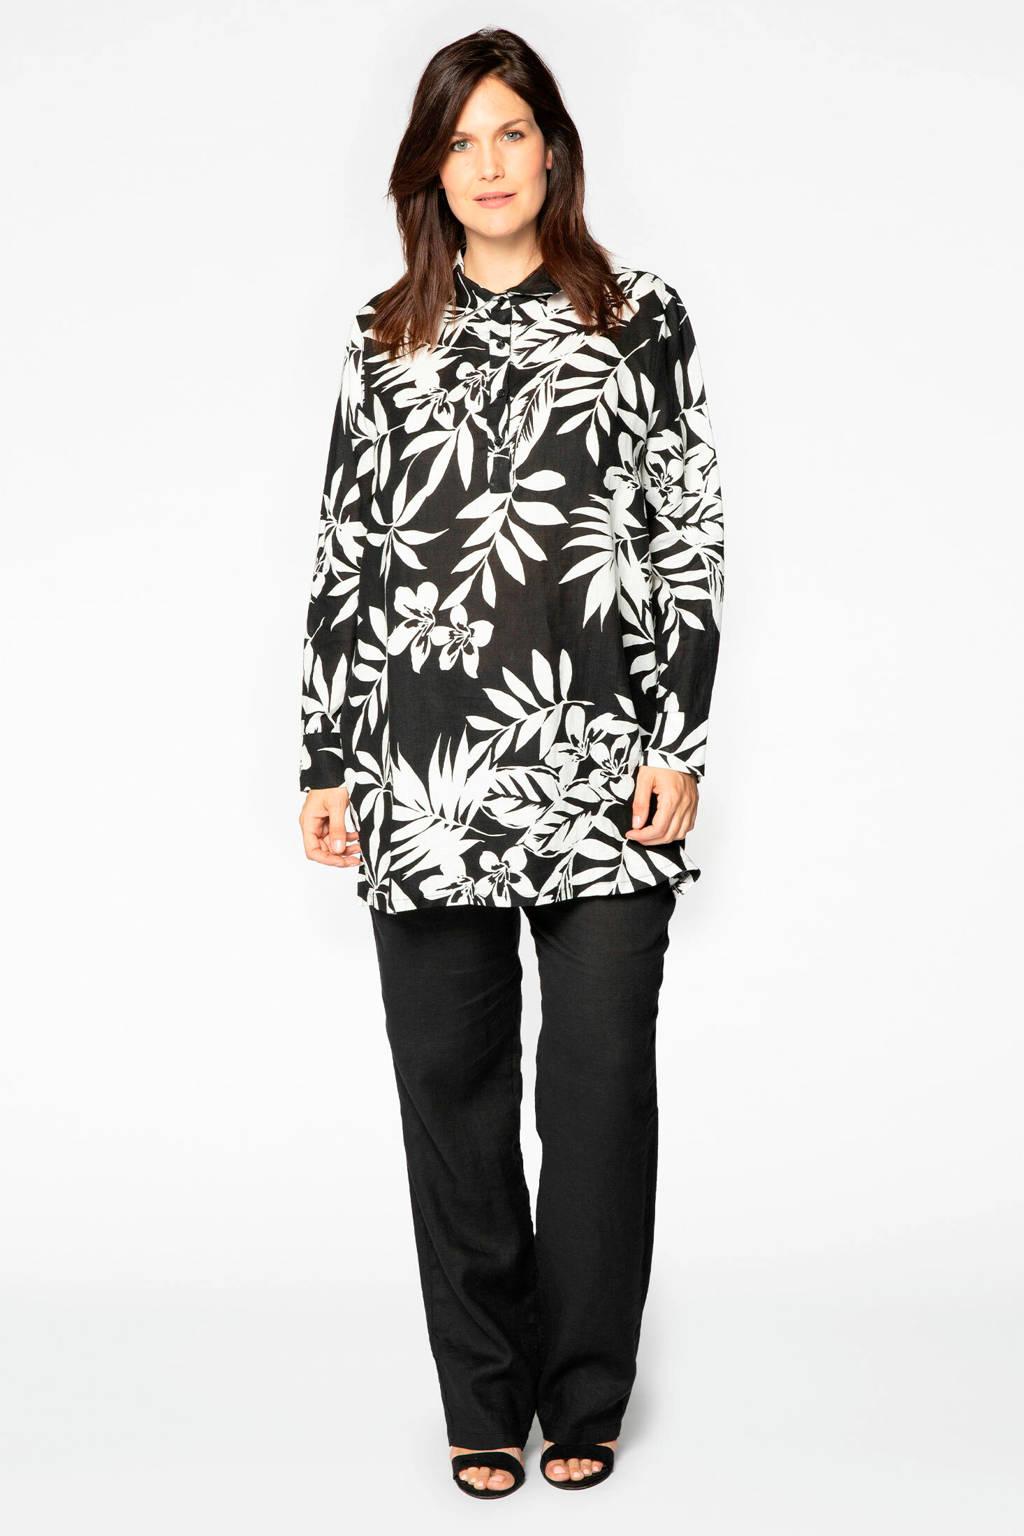 Yoek linnen top Valencia met bladprint zwart/wit, Zwart/wit